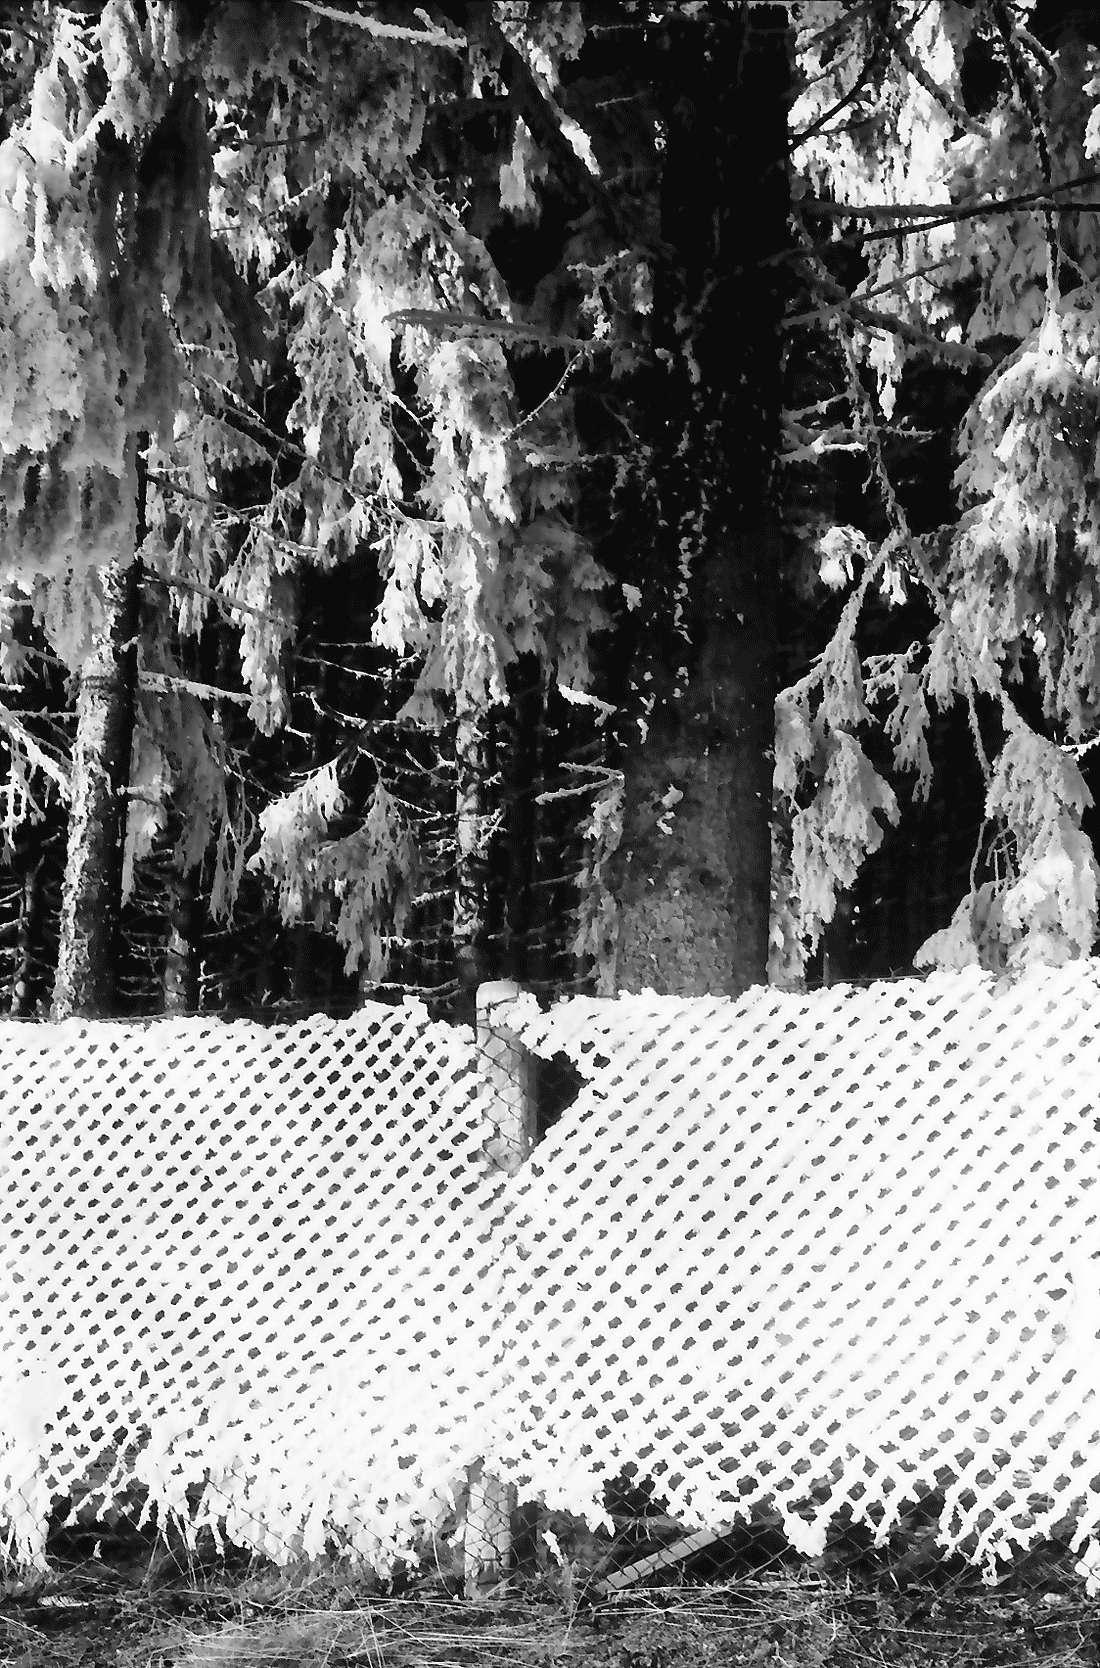 Saig: Drahtzaun im Raureif, Bild 1